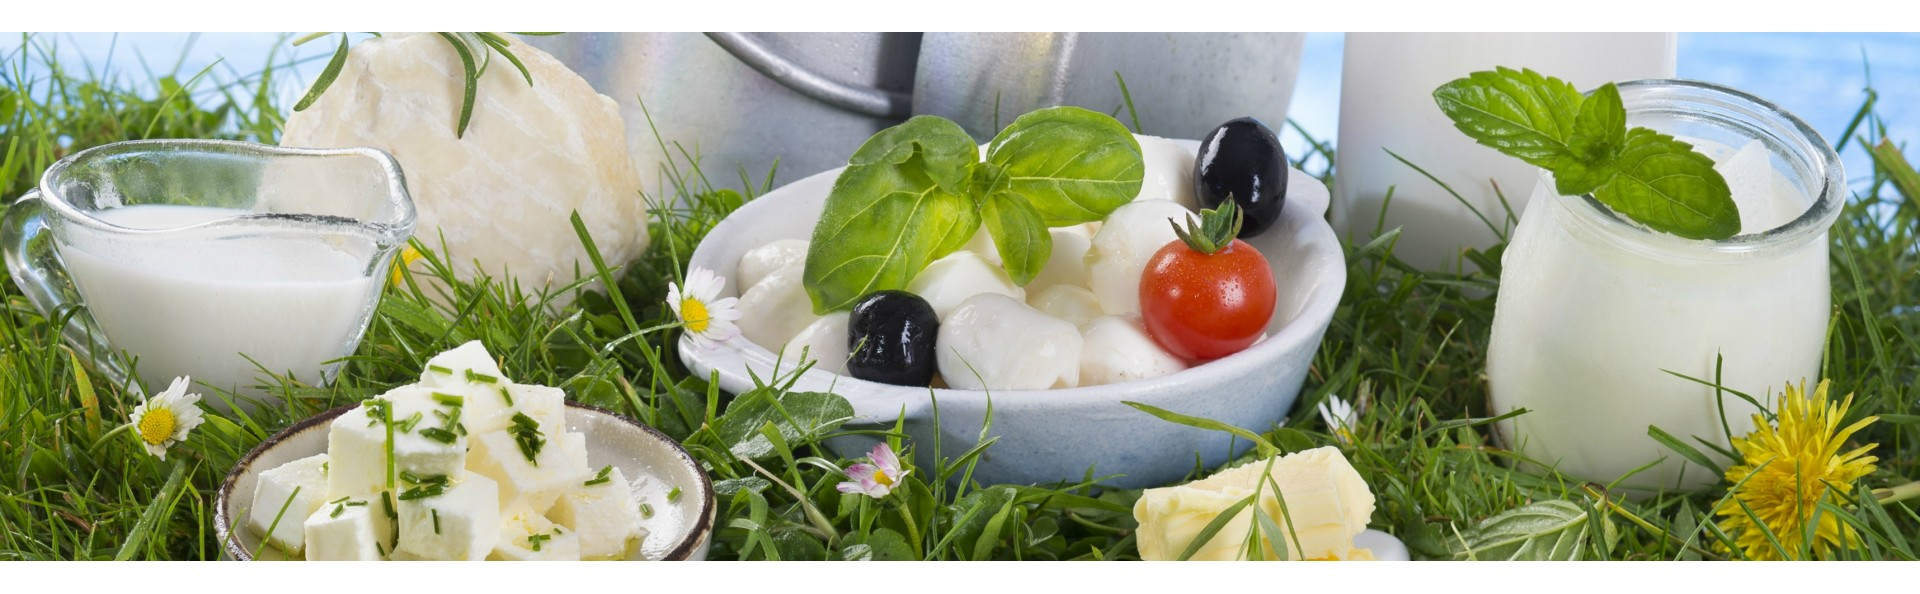 Laitages en retrait uniquement à llupia  - <p>Disponible uniquement dans notre boutique Nos belles Saisons à llupia :</p> <p>Yaourts , fromages de chèvre, brebis, vache ...</p>